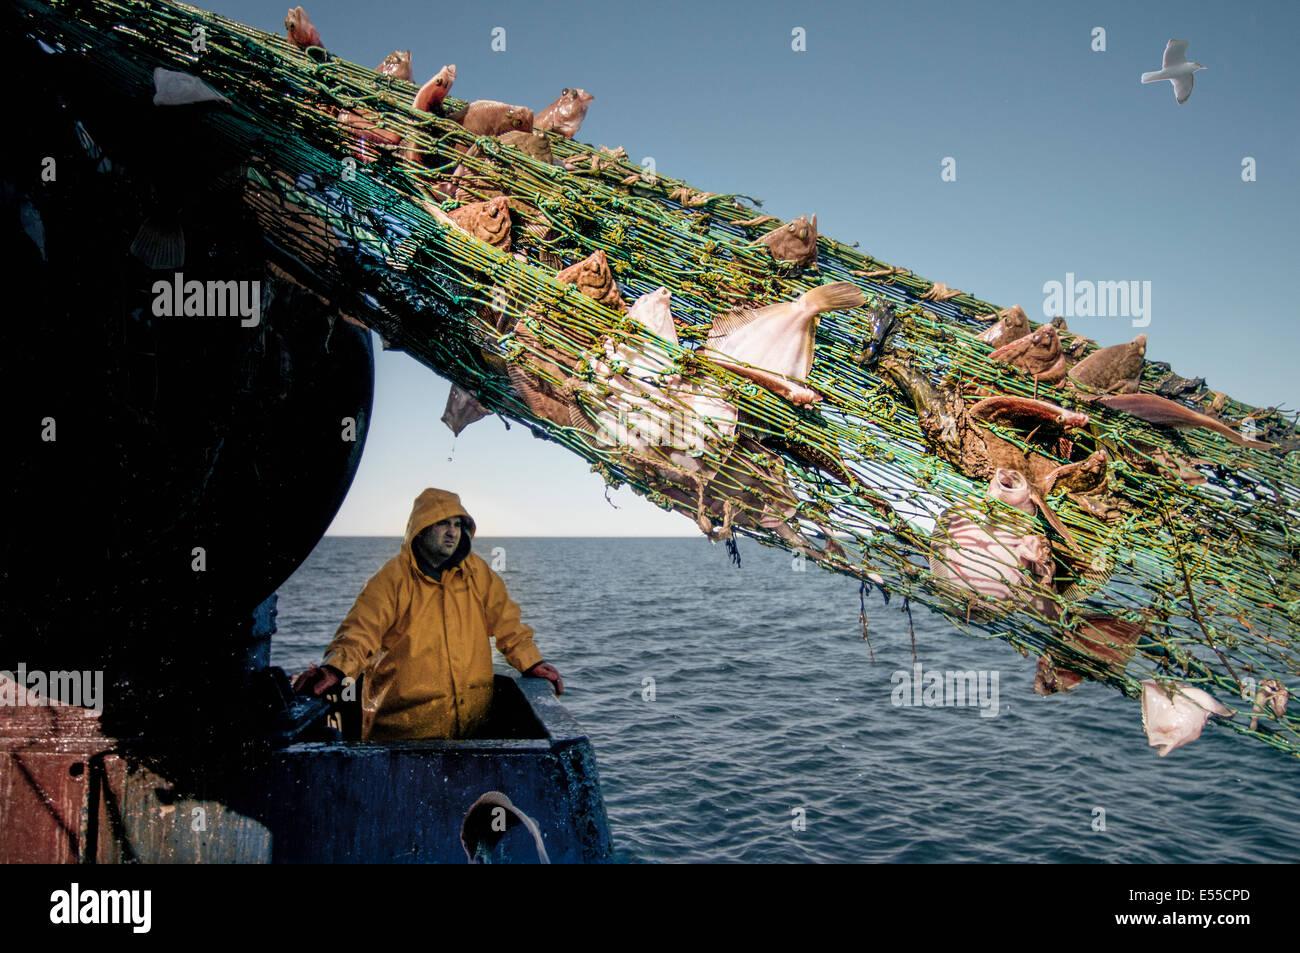 Transport pêcheur dragueur retour net sur chalutier de pêche. Banc Stellwagen Banques, New England, United States, Océan Atlantique Nord. Banque D'Images